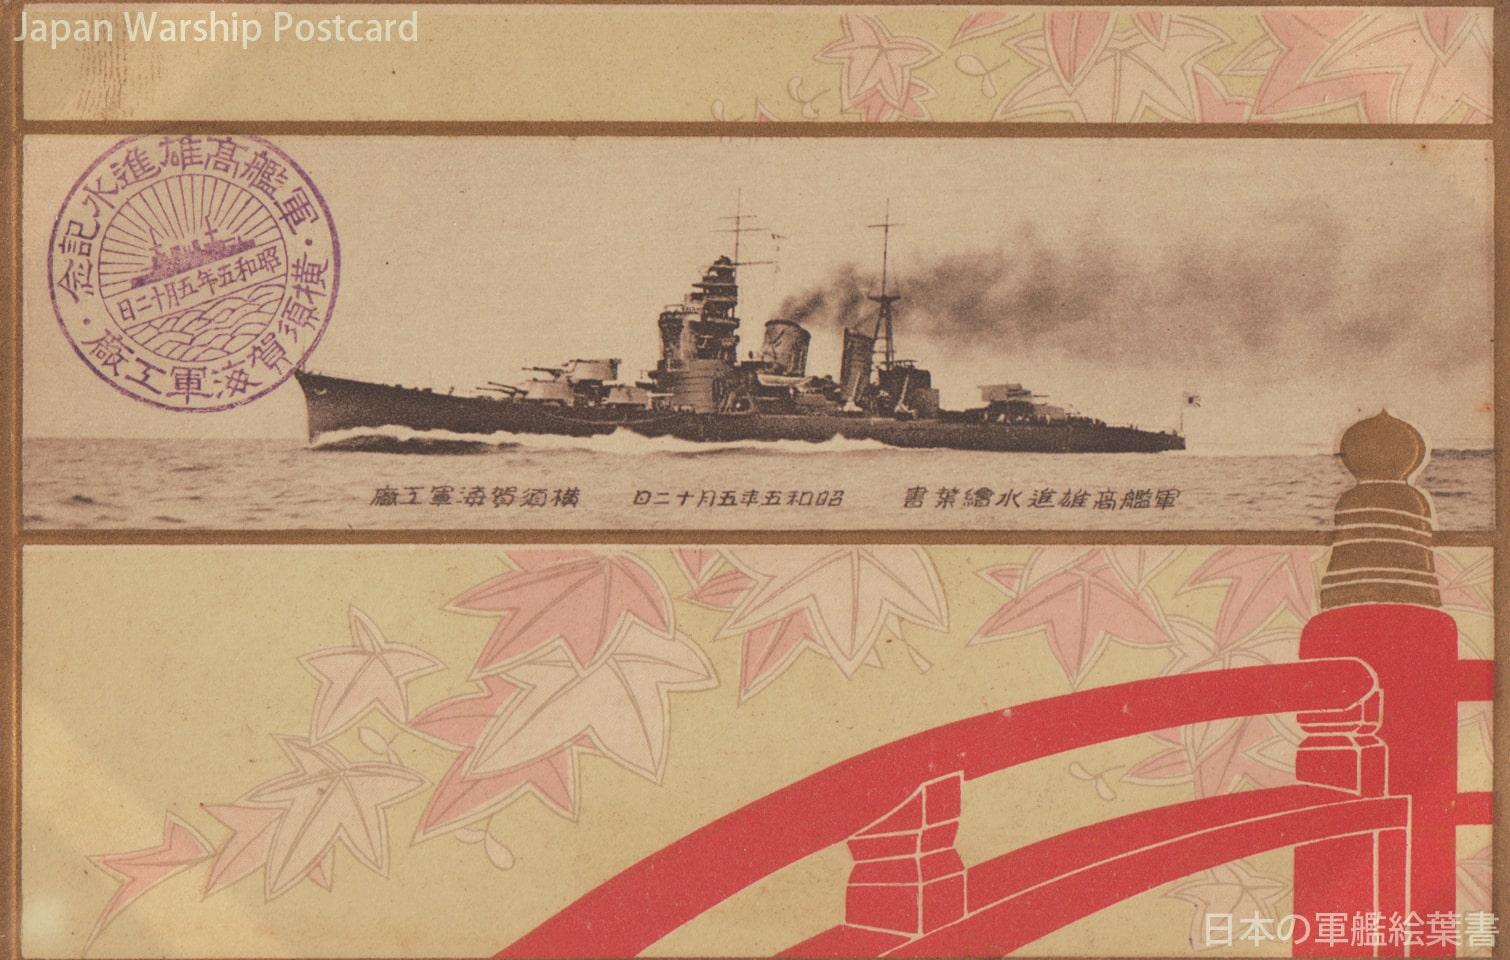 高雄型重巡洋艦「高雄」